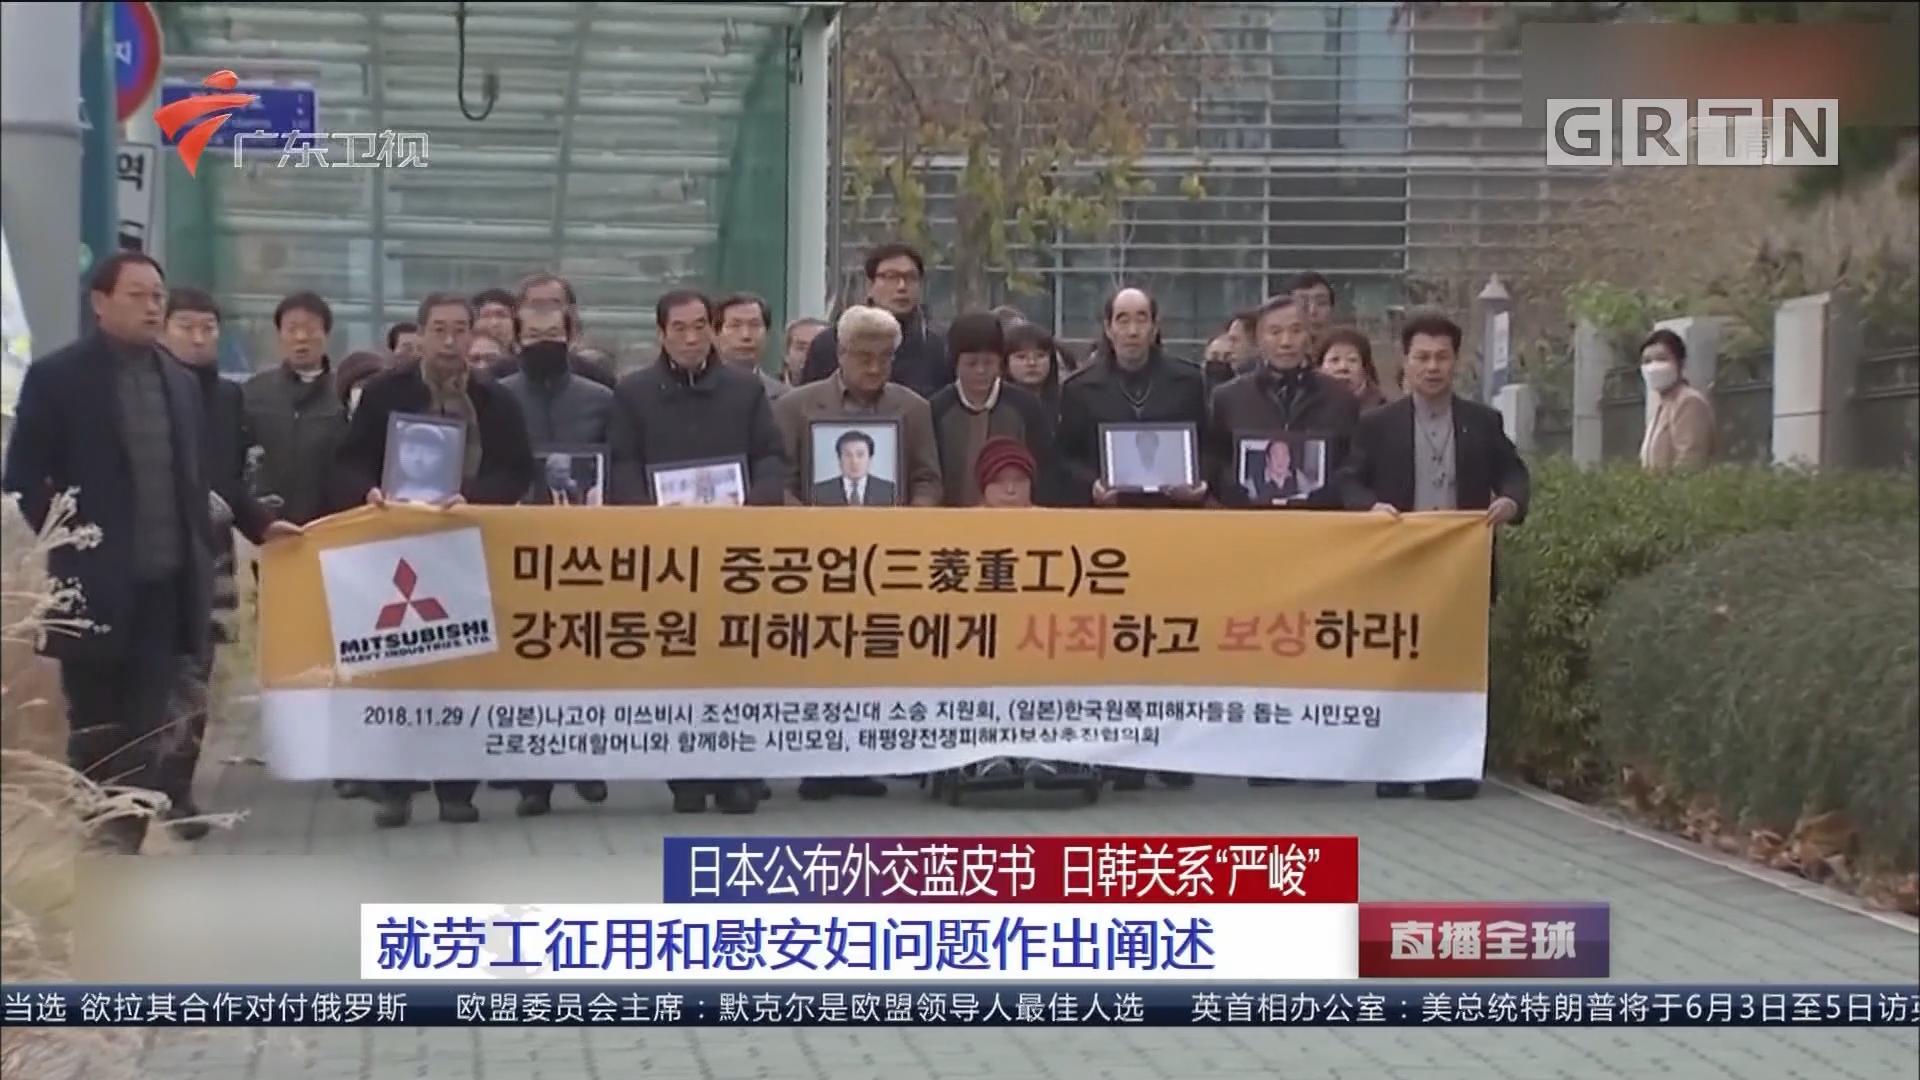 """日本公布外交蓝皮书 日韩关系""""严峻"""" 就劳工征用和慰安妇问题作出阐述"""